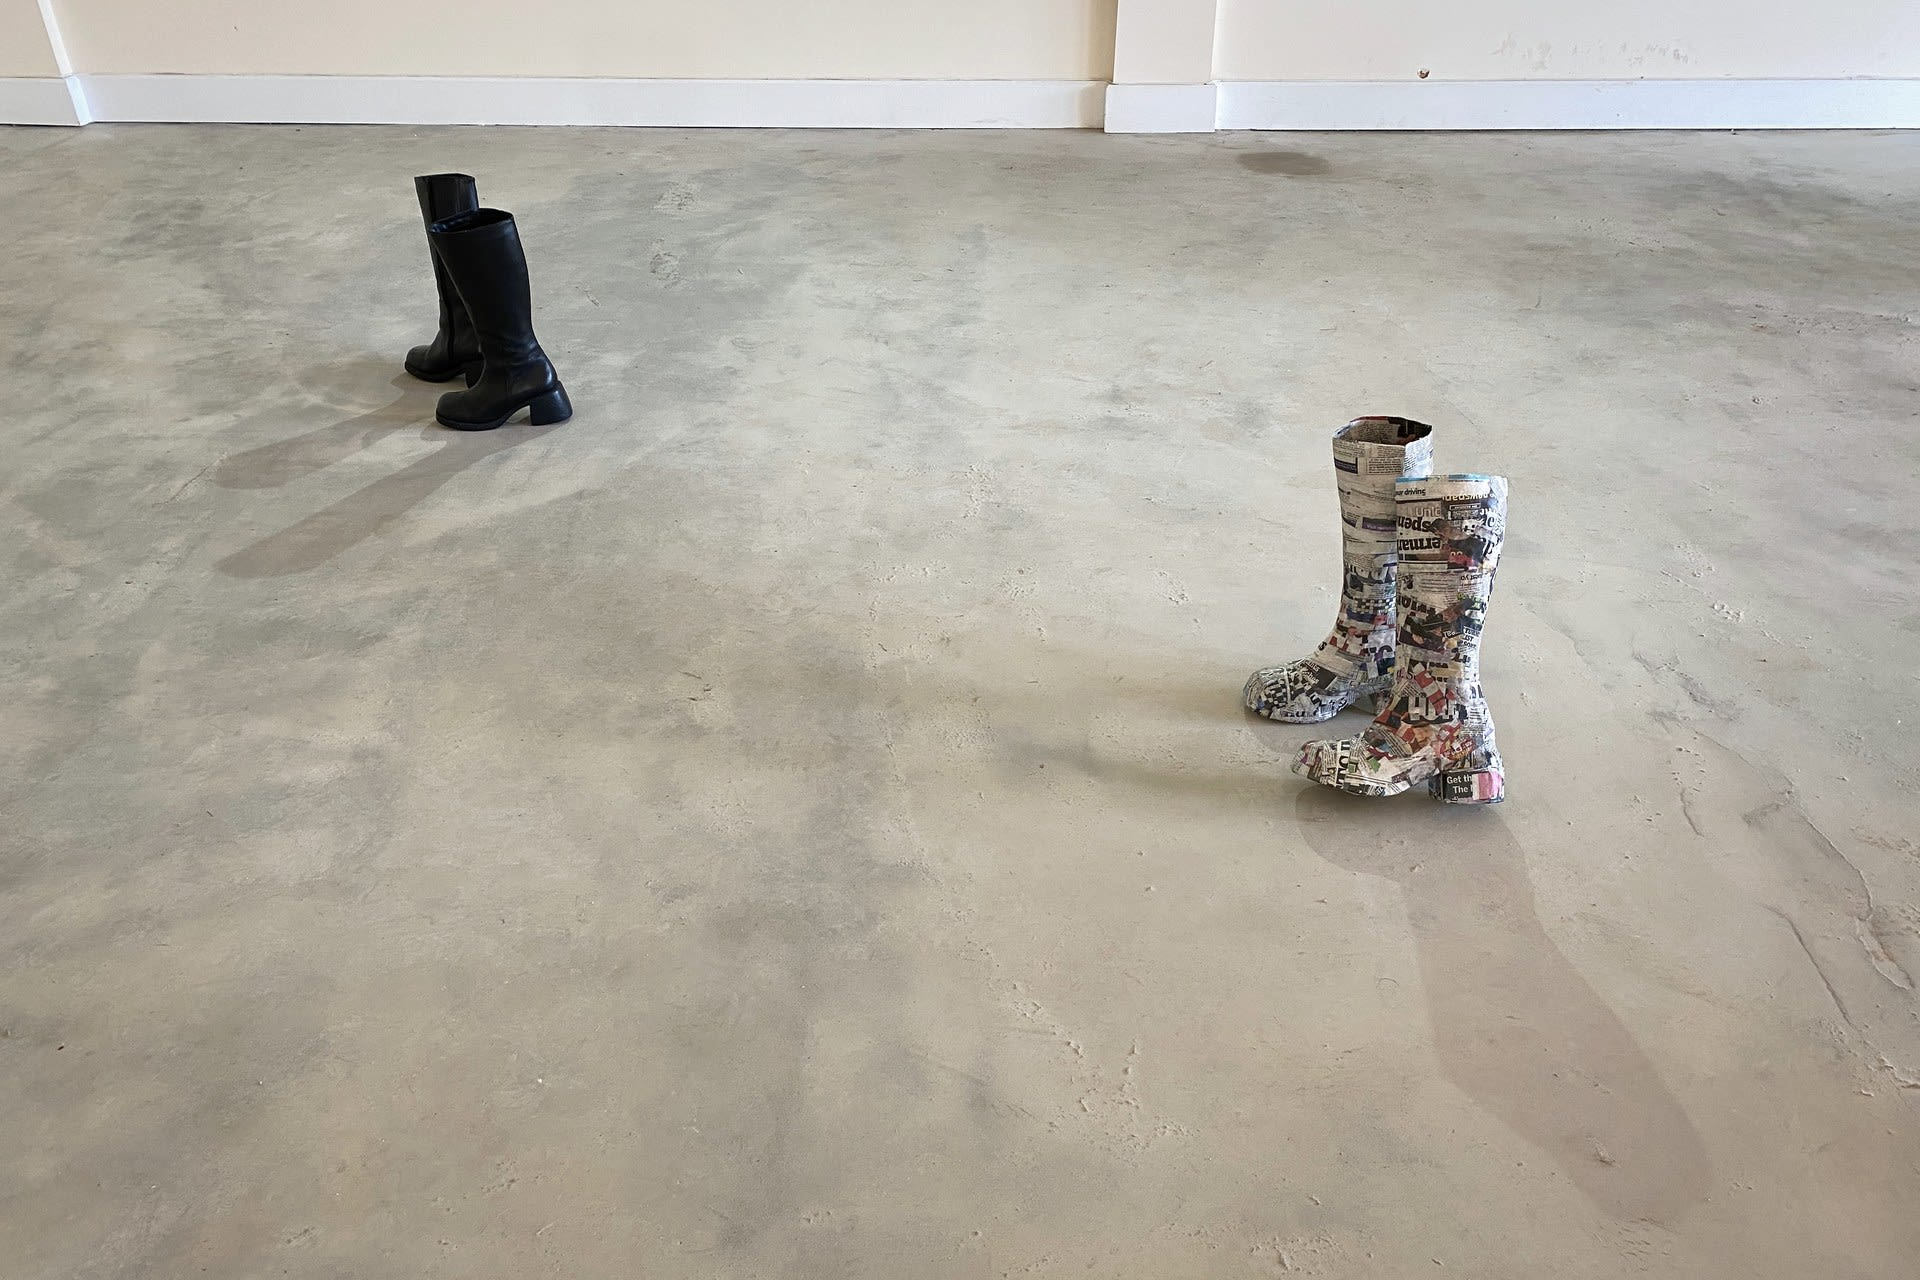 Boots _ paper mache mould, actual boots